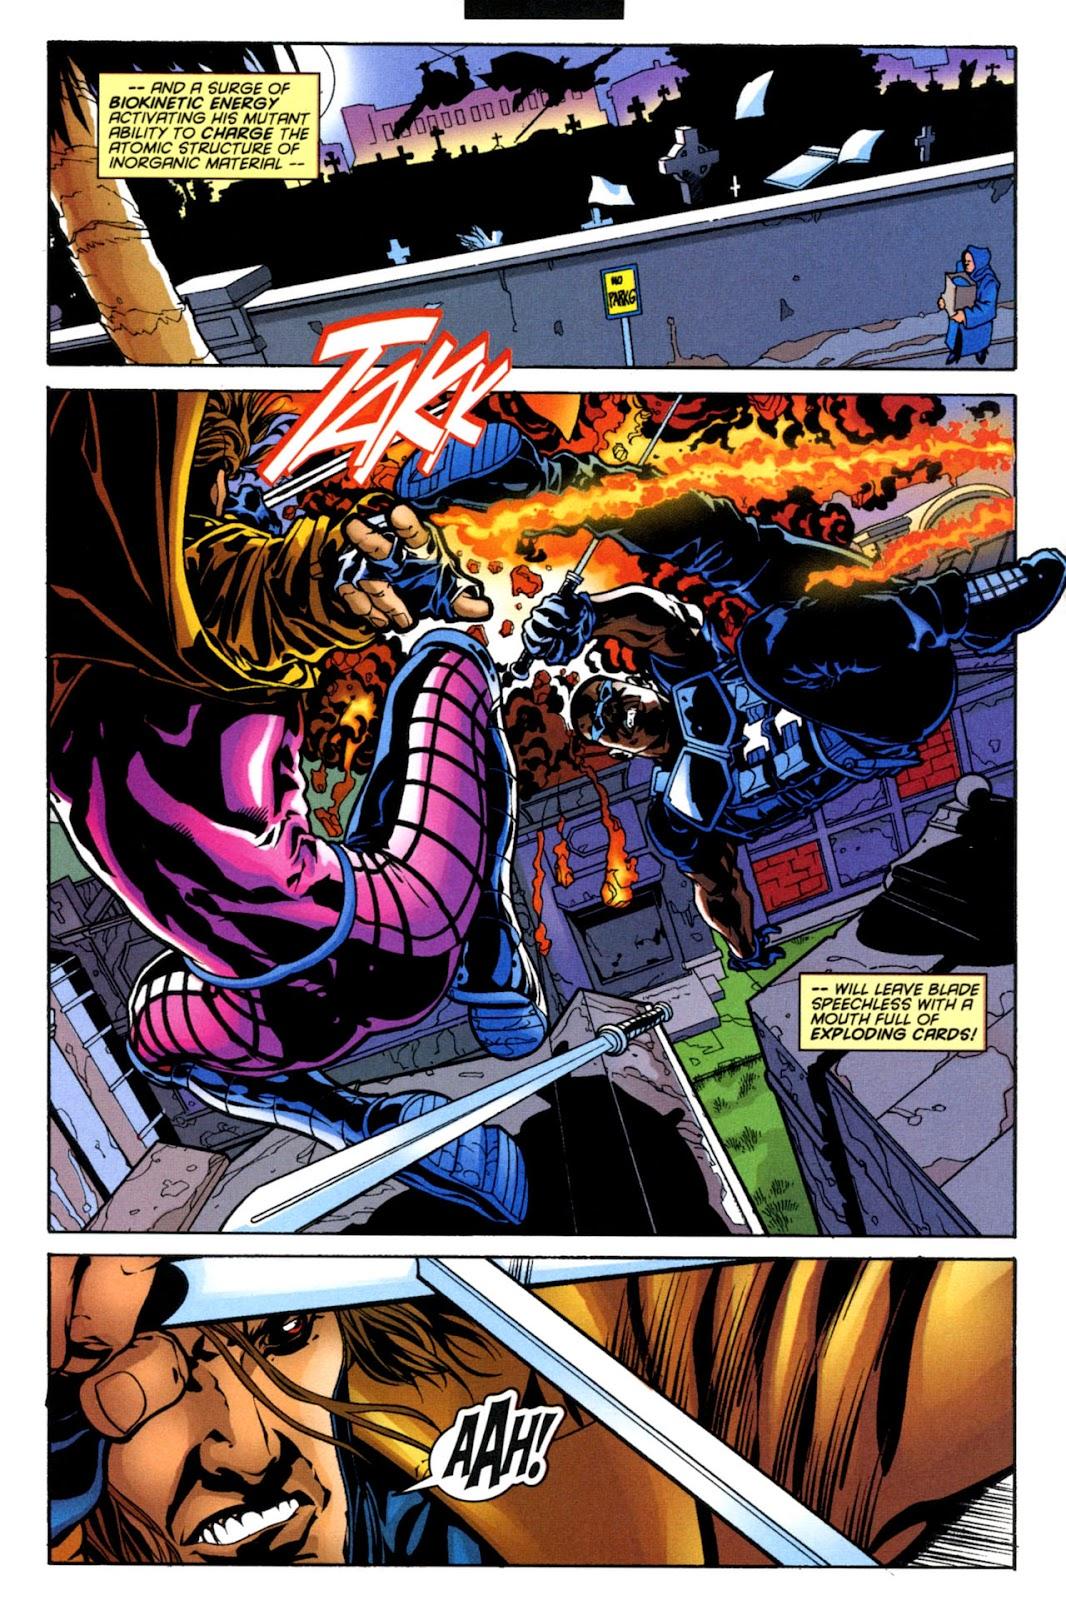 Best Fight Scenes in x-men comics